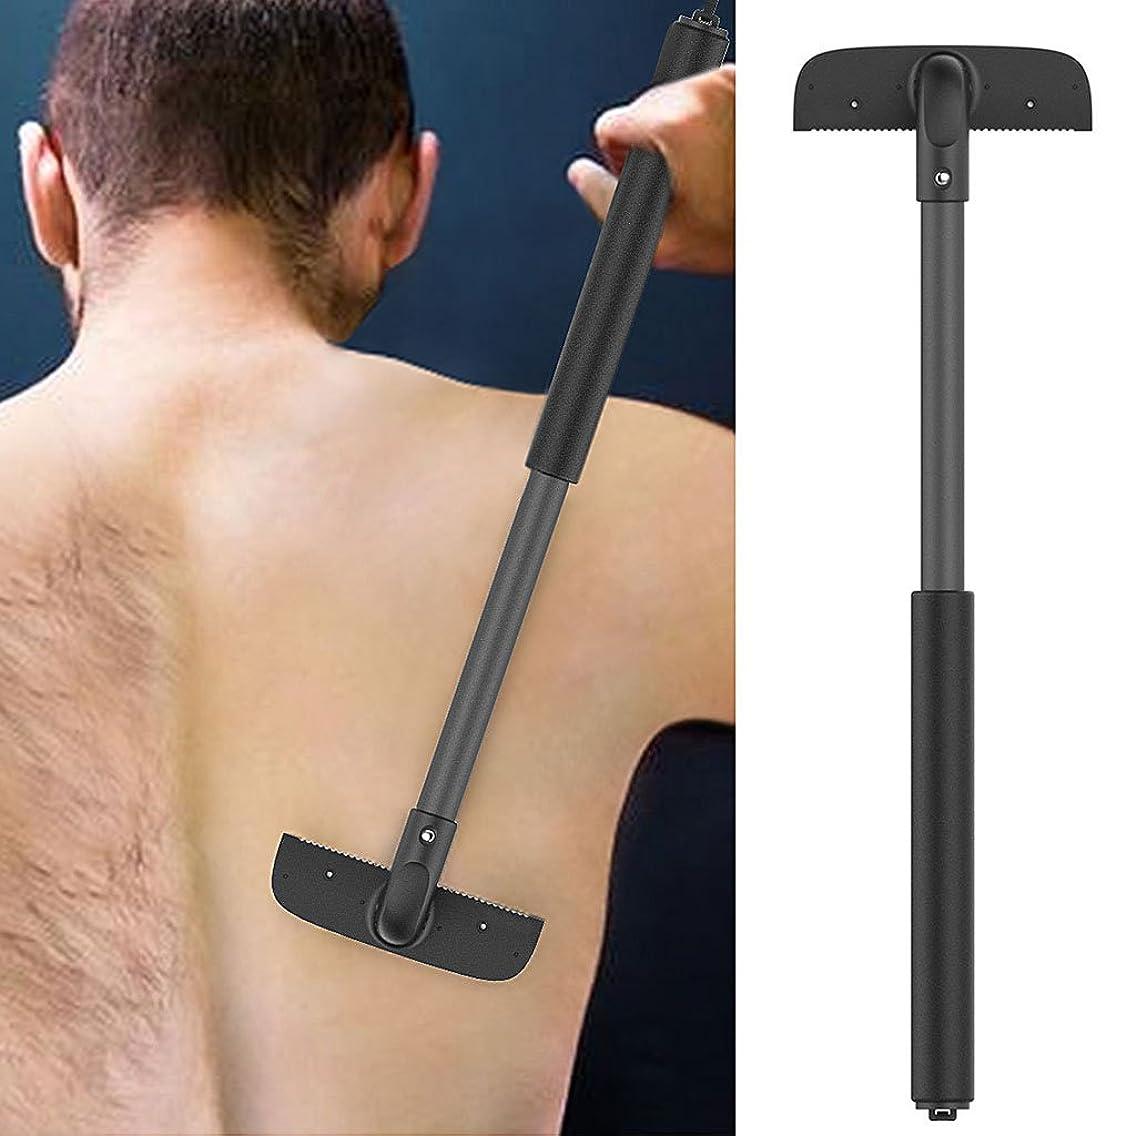 バナナ正気マリナーバックヘアとボディシェーバー、Back Hair Removal And Body Shaver,男性のための剃刀、調節可能なハンドル、伸縮可能なトリマー剃刀セルフグロマーツール